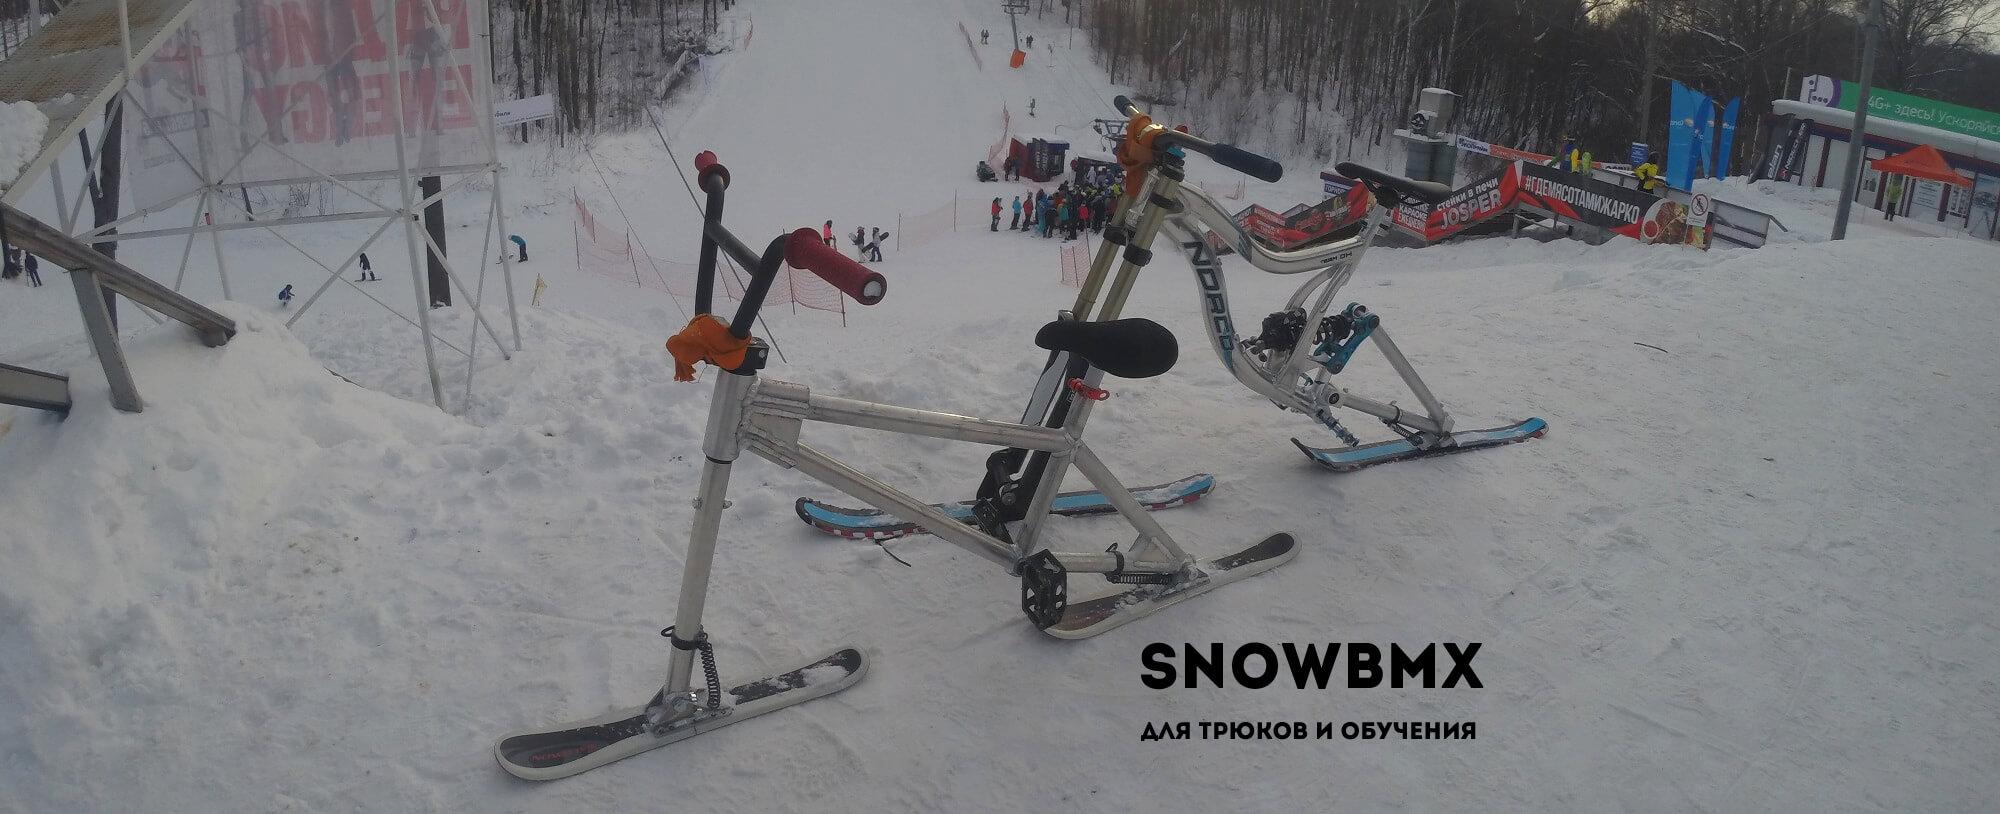 SnowBMX_5_min